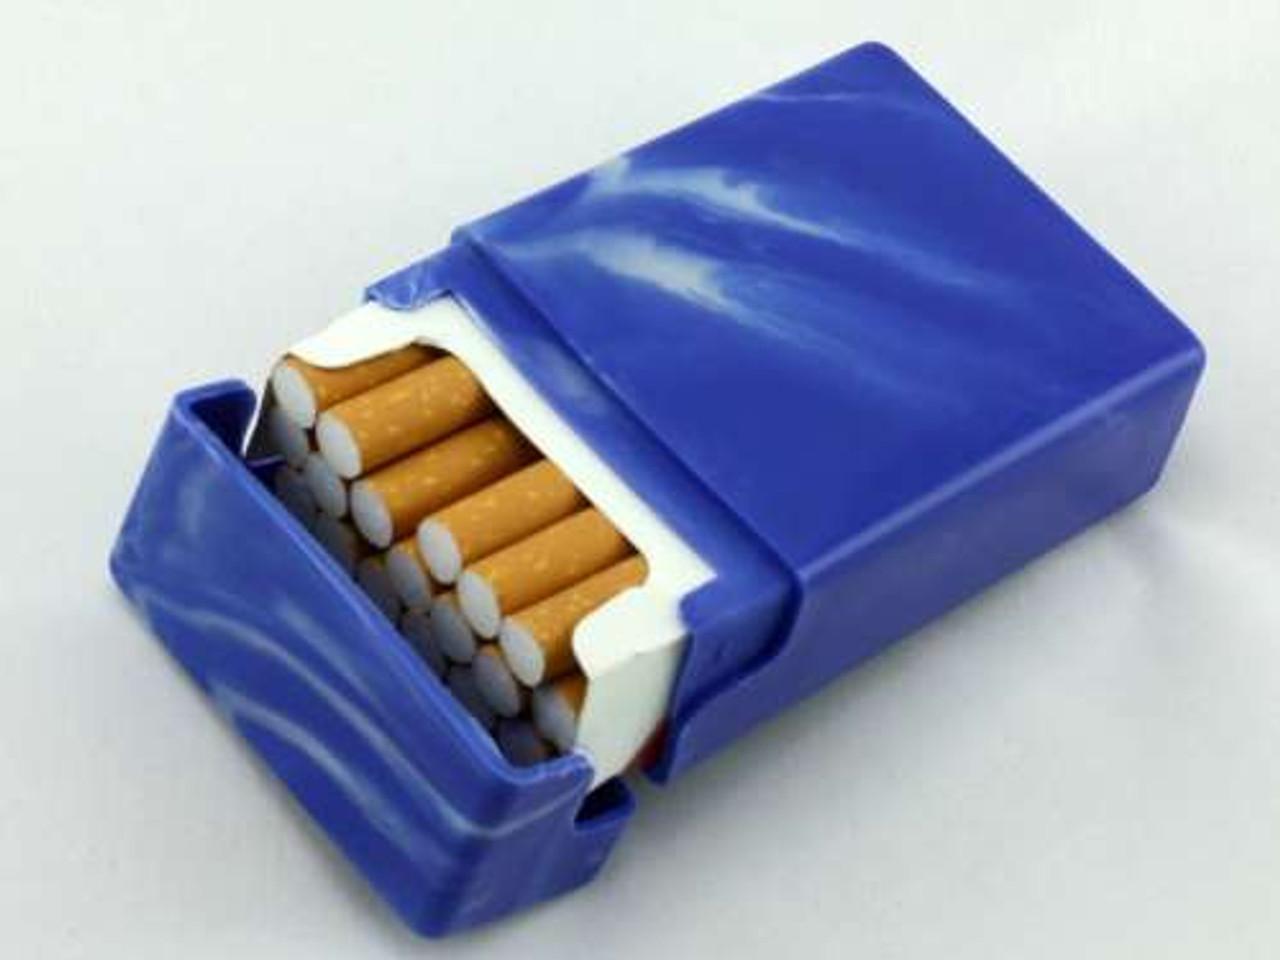 Blue Swirl Cigarette Pack Holder